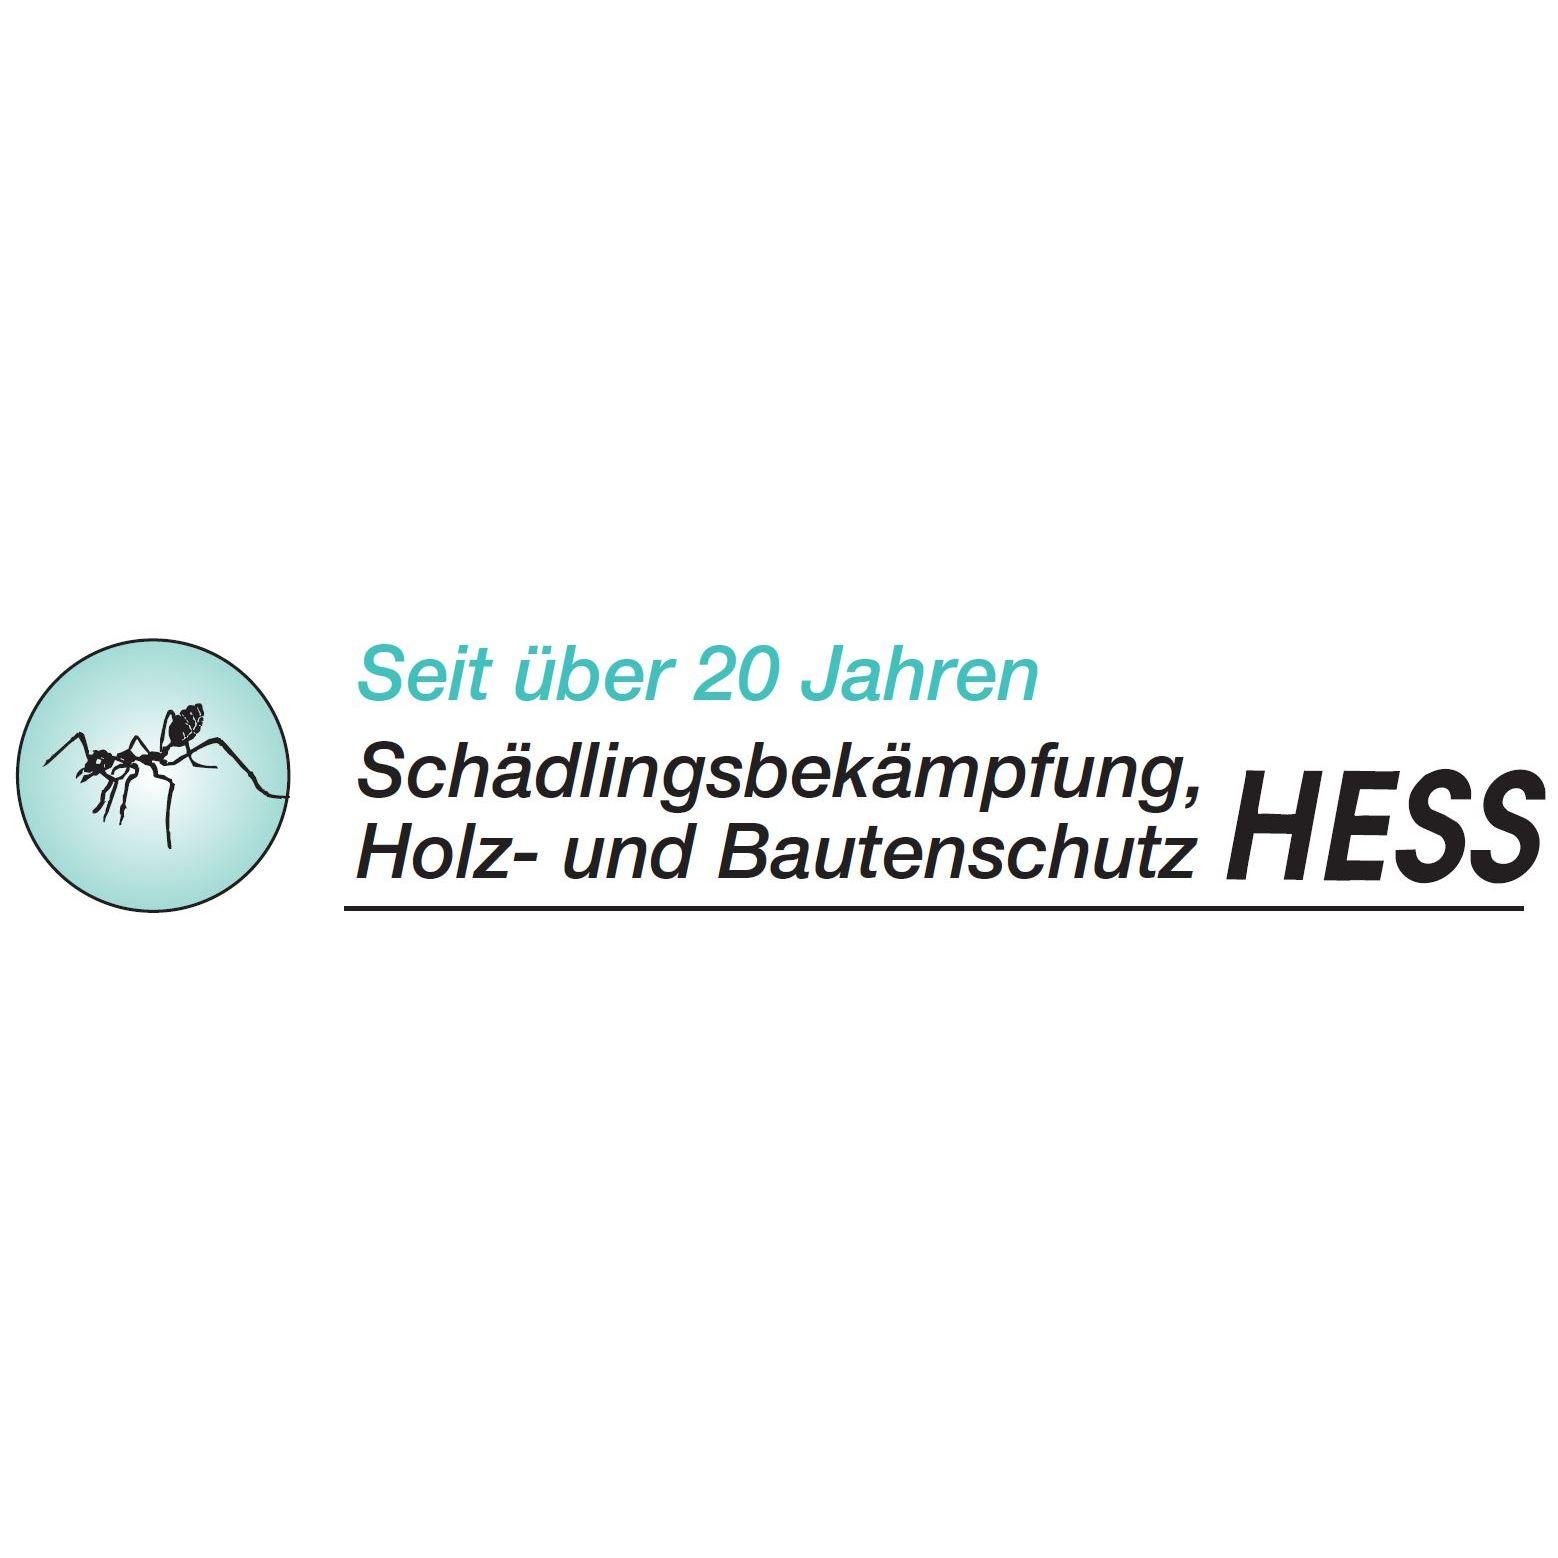 Logo von Schädlingsbekämpfungs Hess